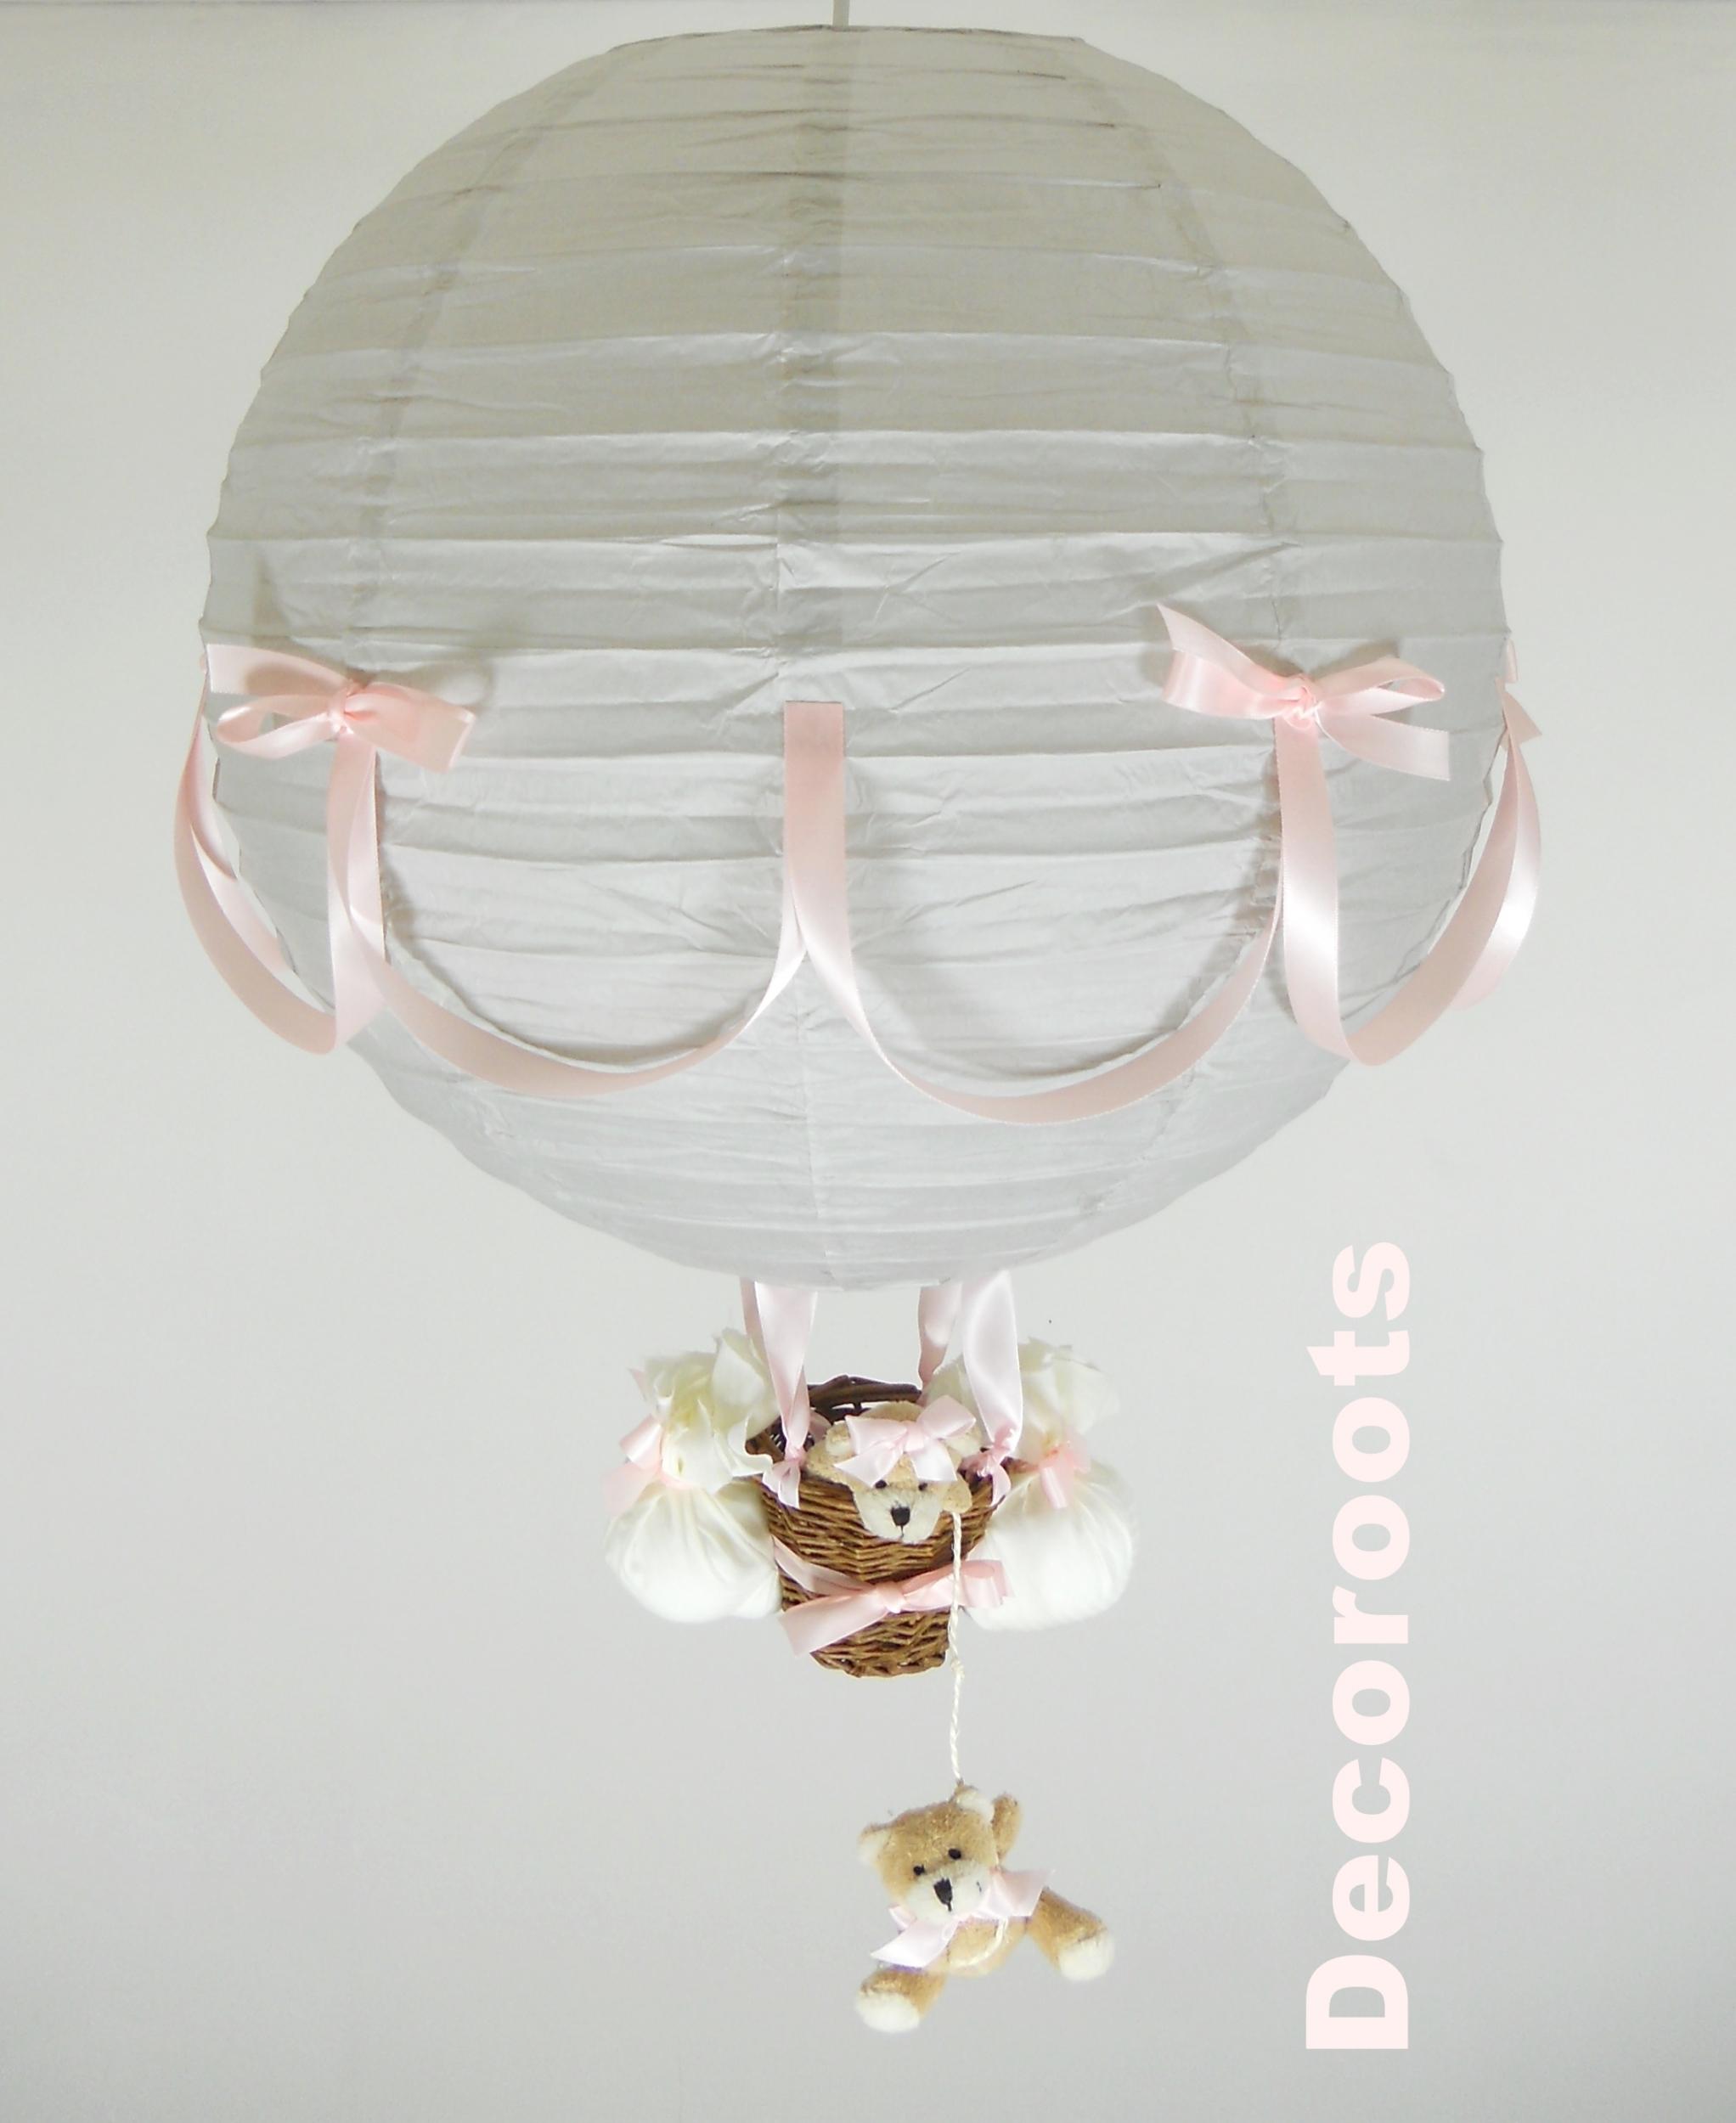 Lampe montgolfi re enfant b b fille ours gris et rose for Plafonnier chambre bebe fille